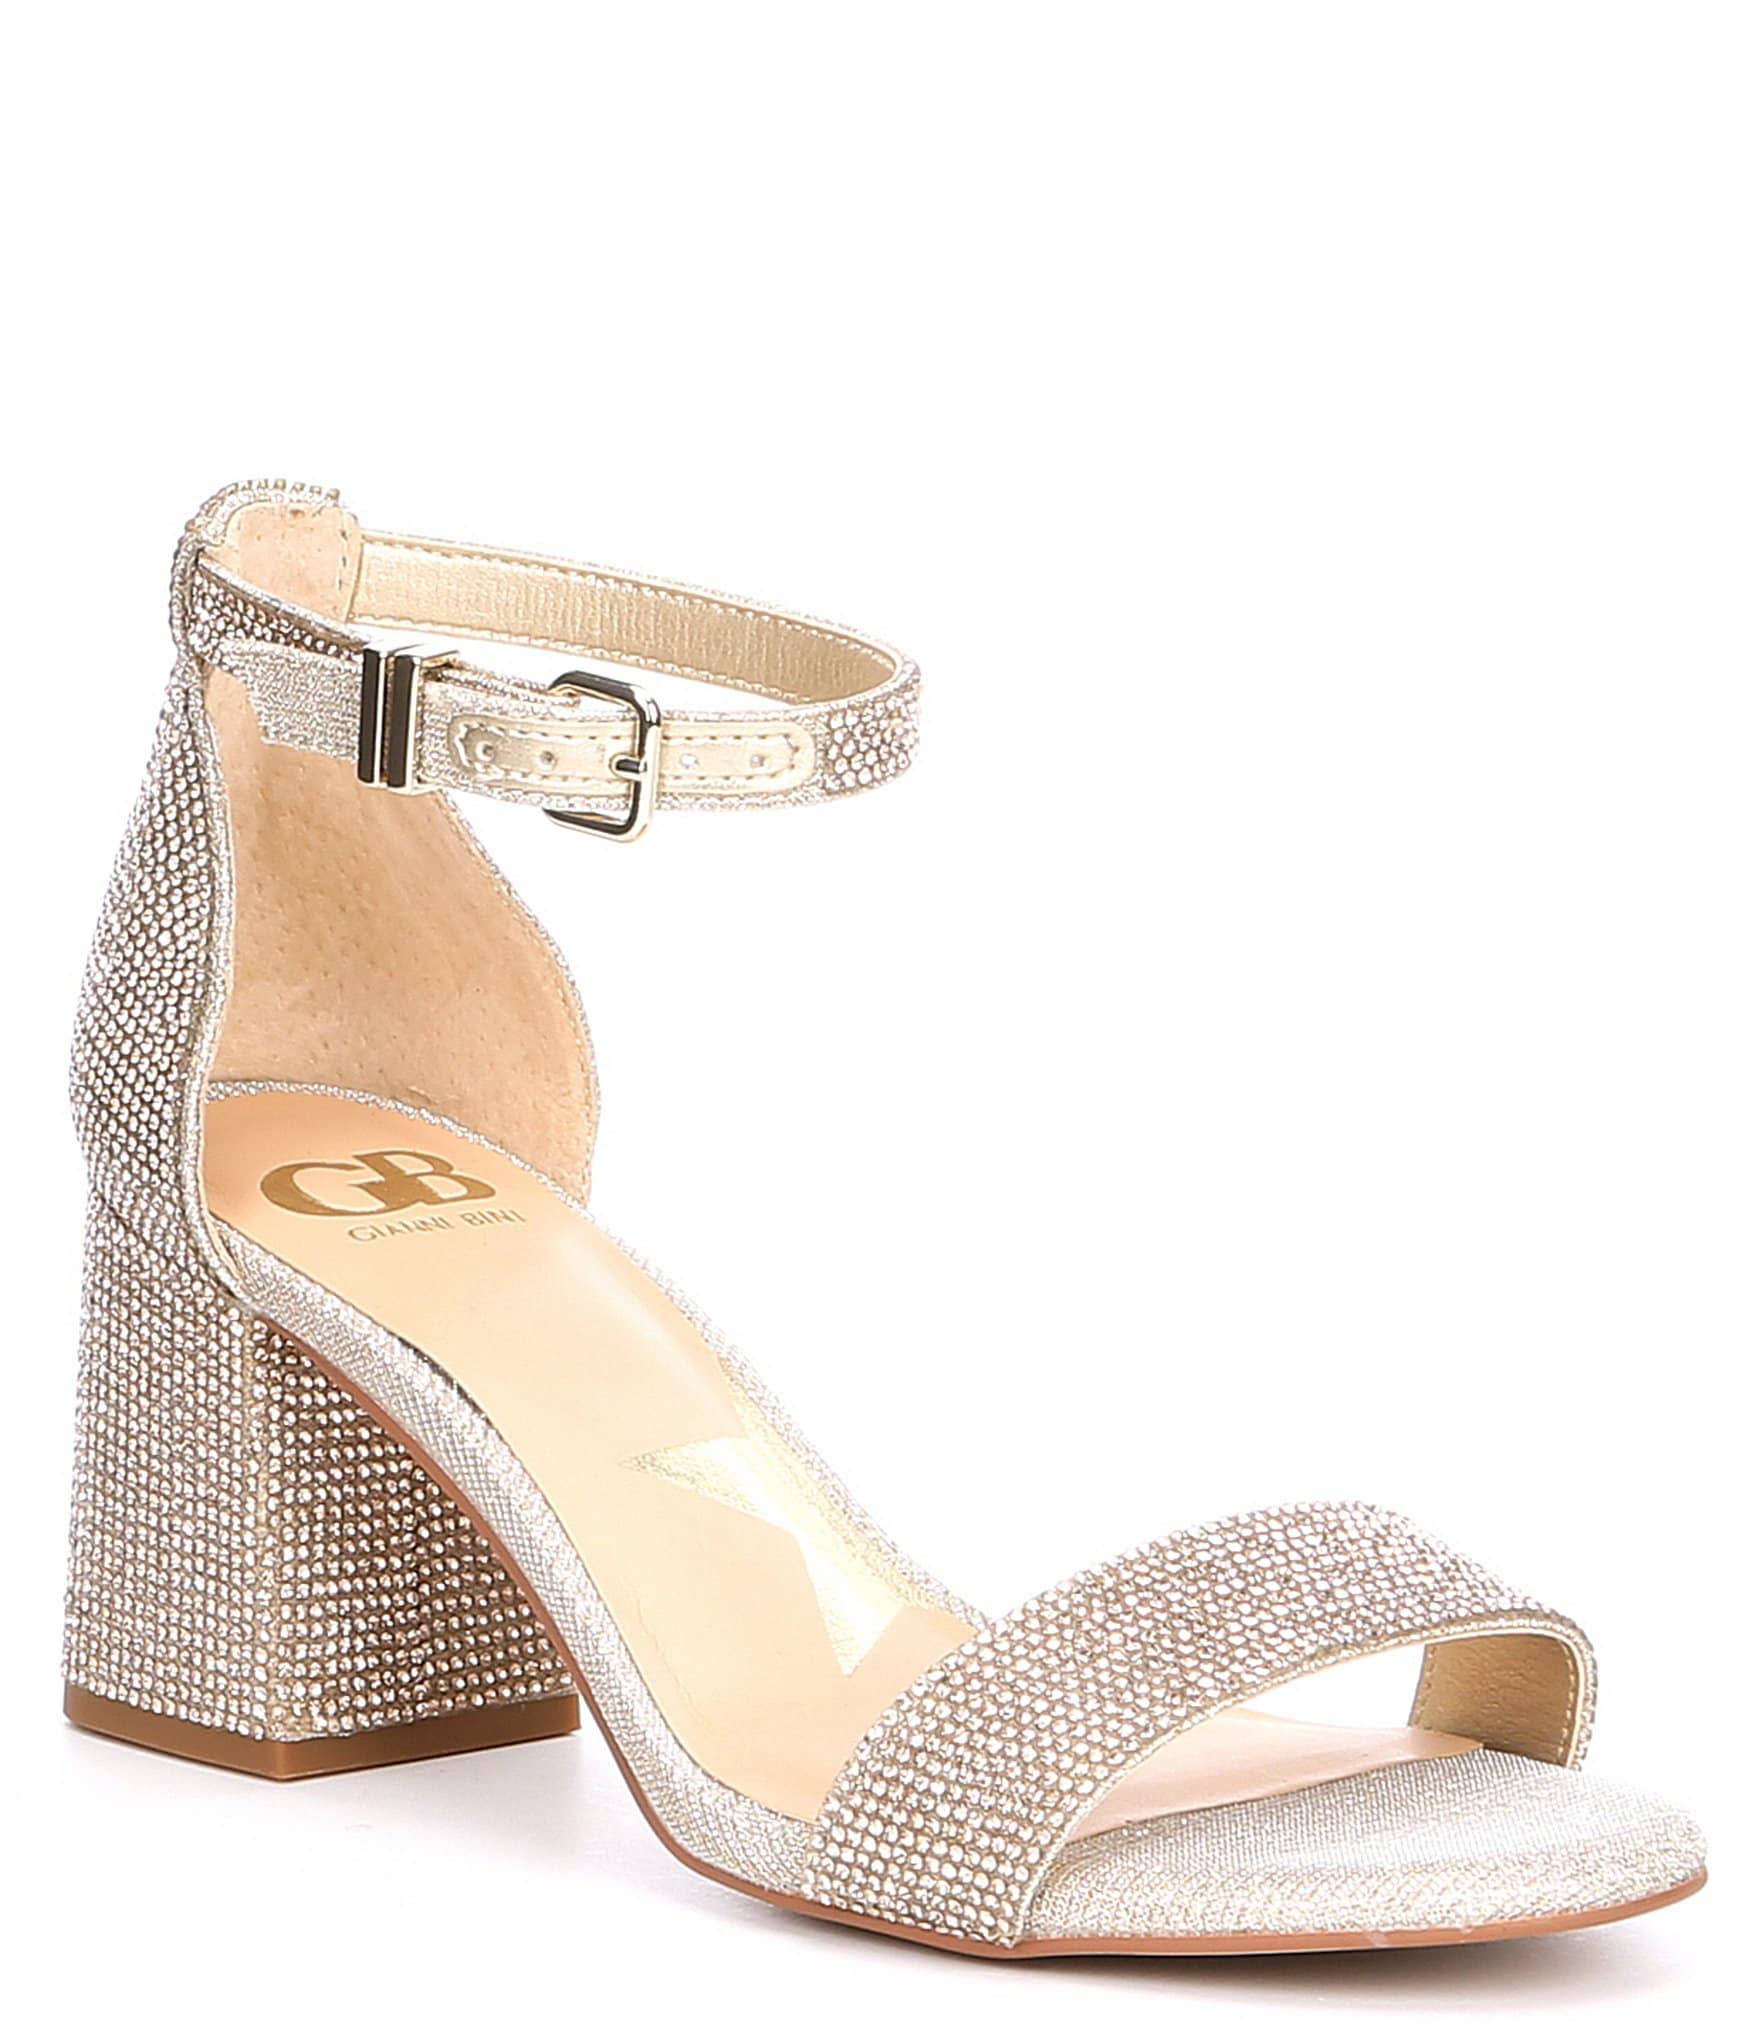 1c2a7893b1d23 Women's Shoes | Dillard's